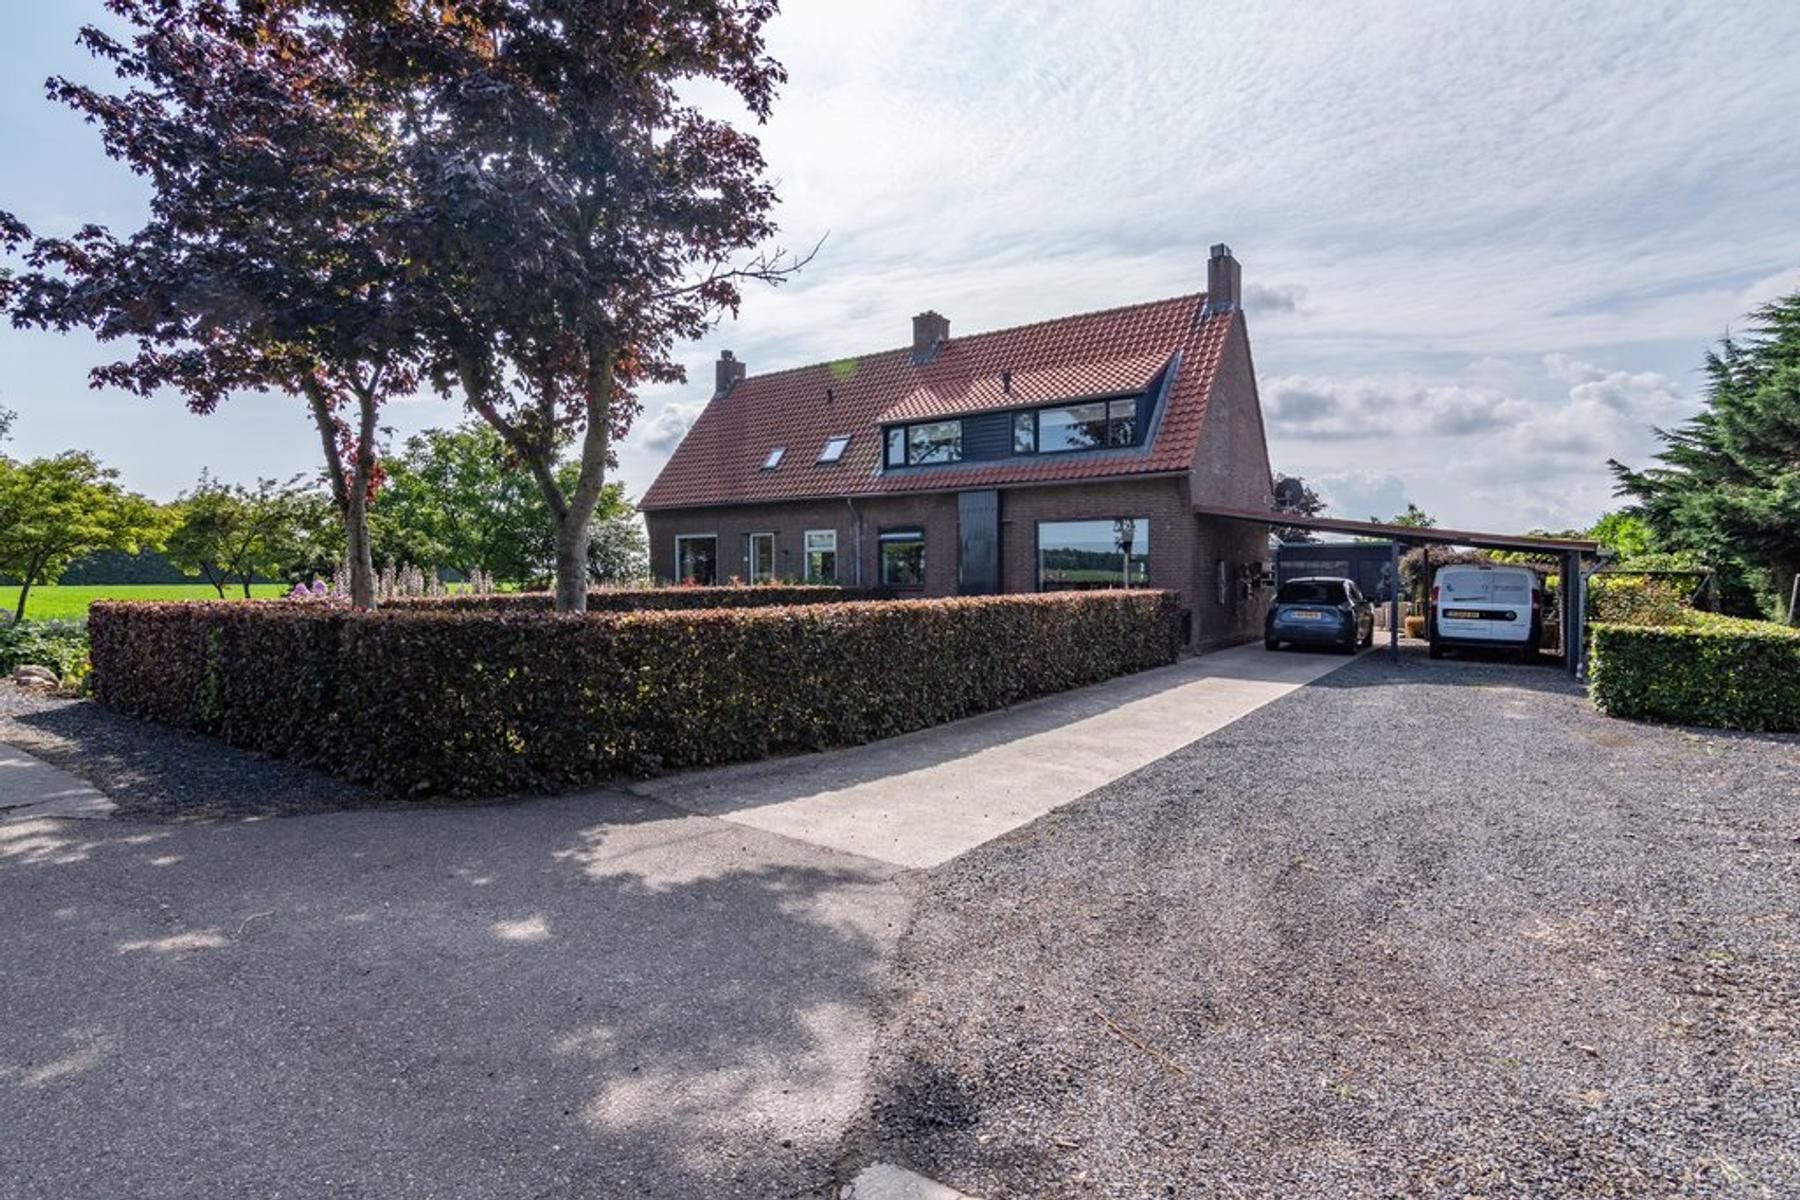 Zwartemeerweg 58 A in Kraggenburg 8317 PD